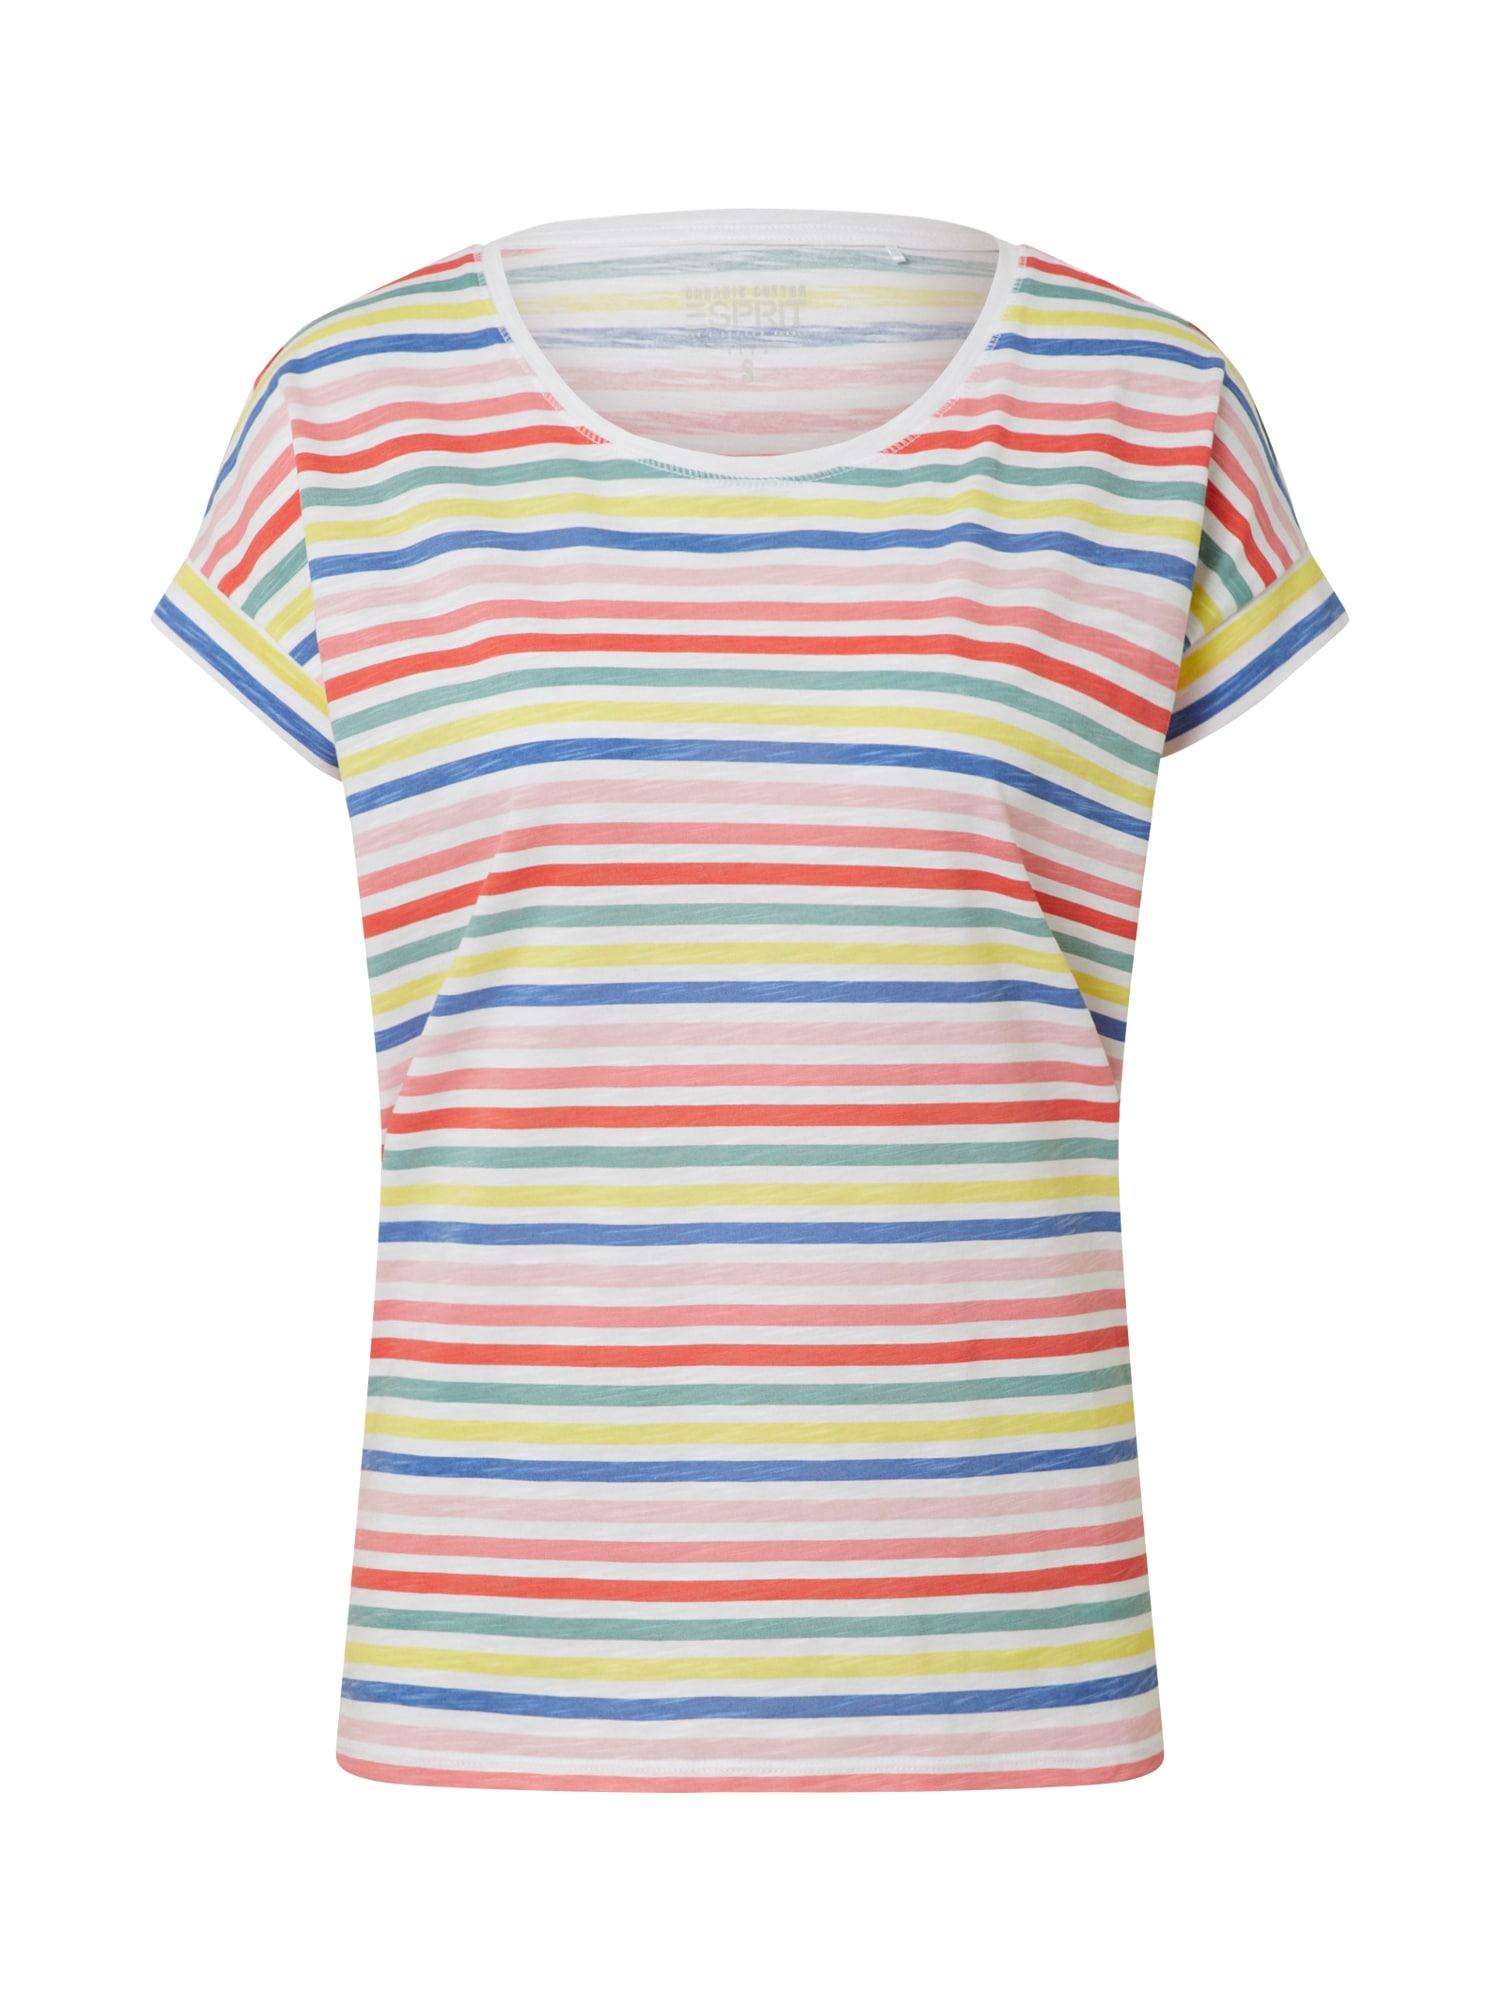 ESPRIT Marškinėliai balta / raudona / mėlyna / žalia